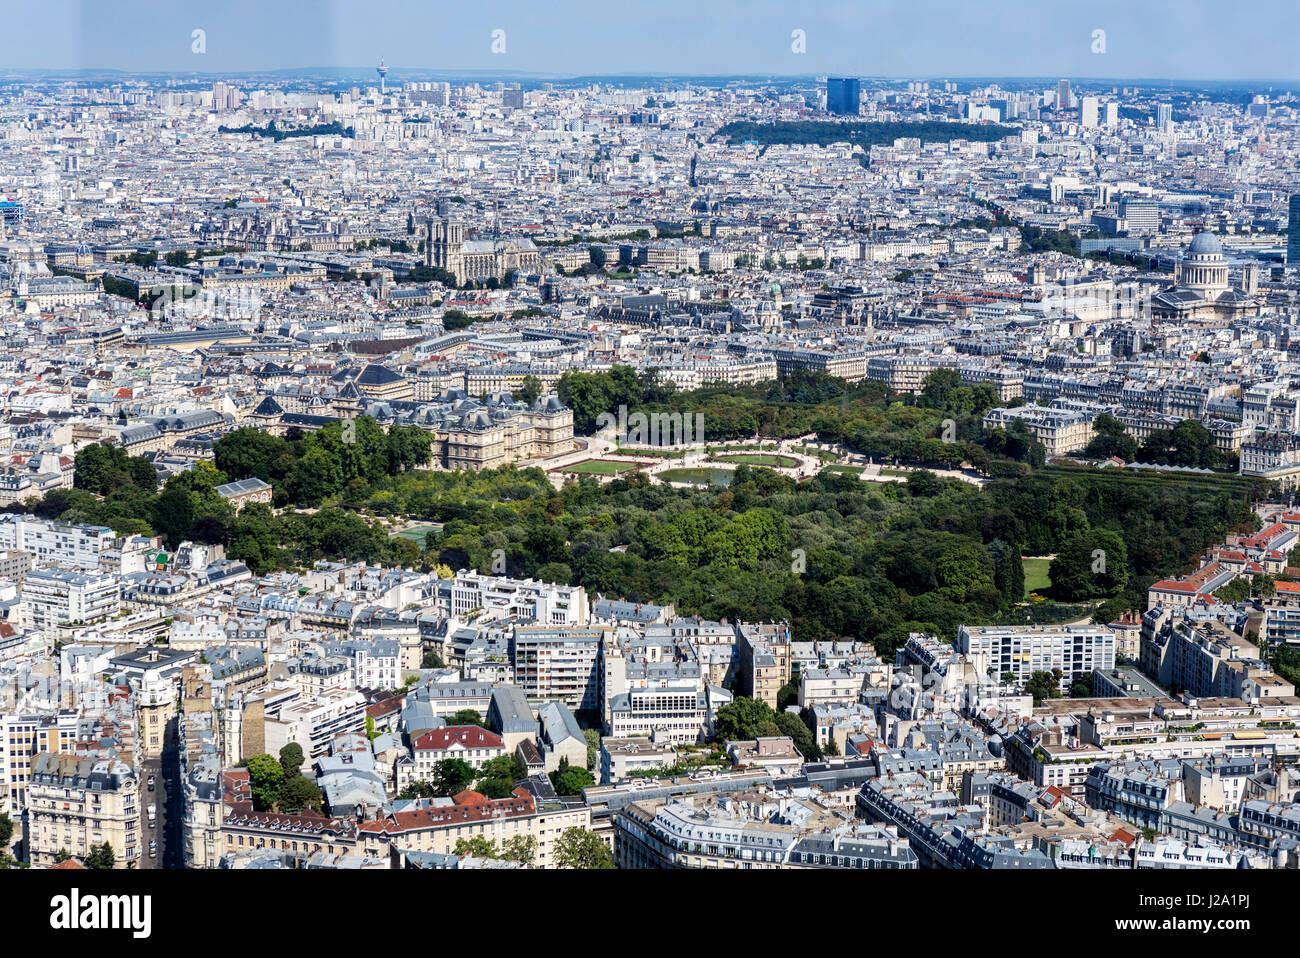 Luxembourg-Palast und Gärten von der Aussichtsplattform an der Spitze des Tour Montparnasse, Paris, Frankreich Stockbild